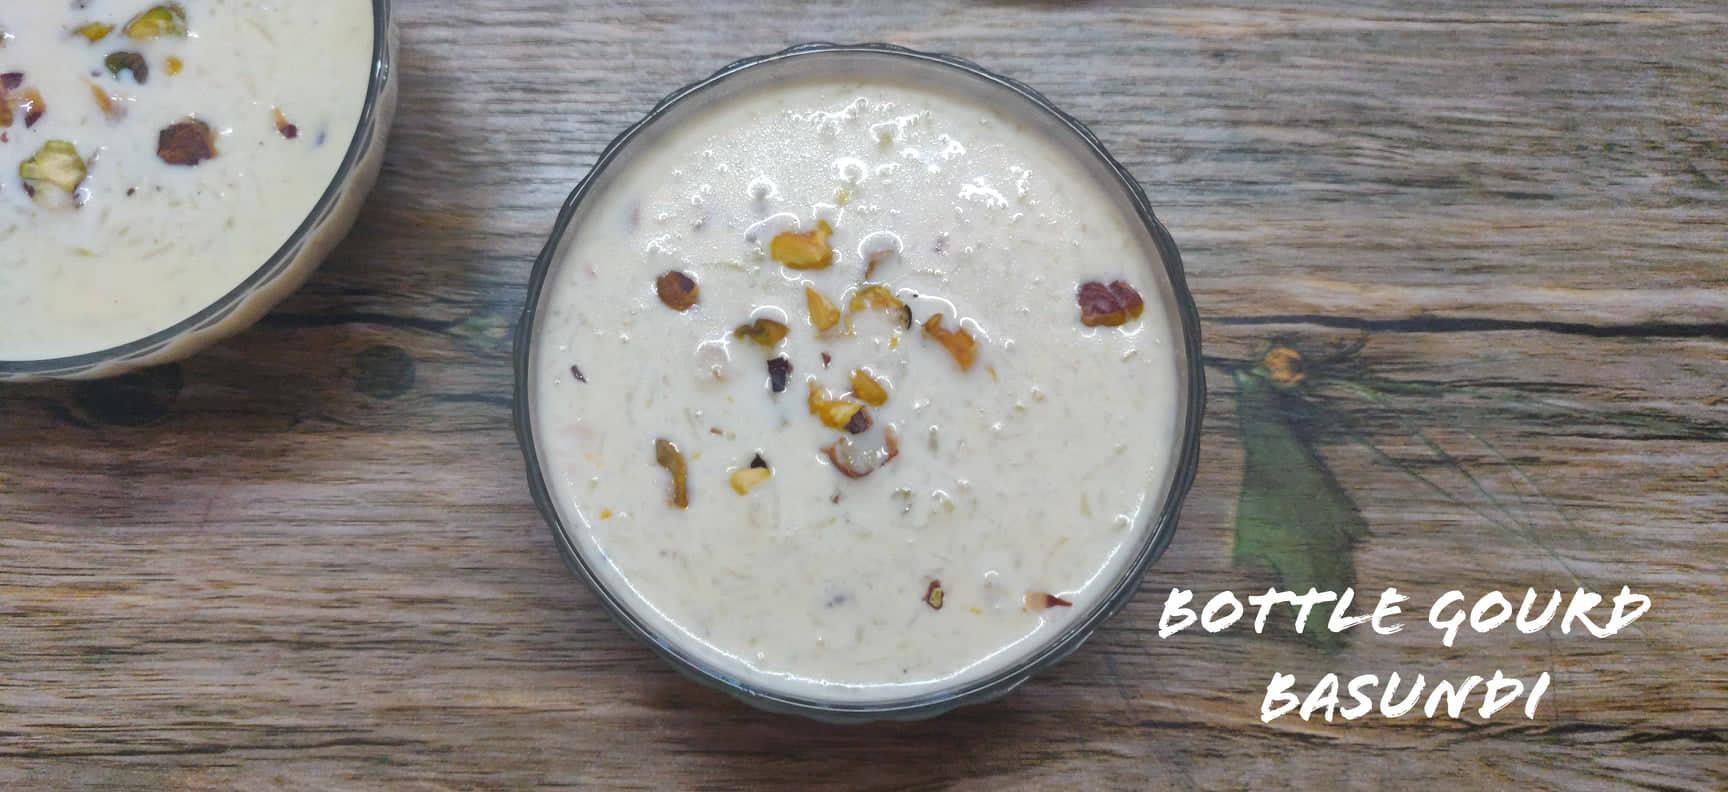 Bottle Gourd Basundi | Sorakkai Basundi | Lauki Basundi